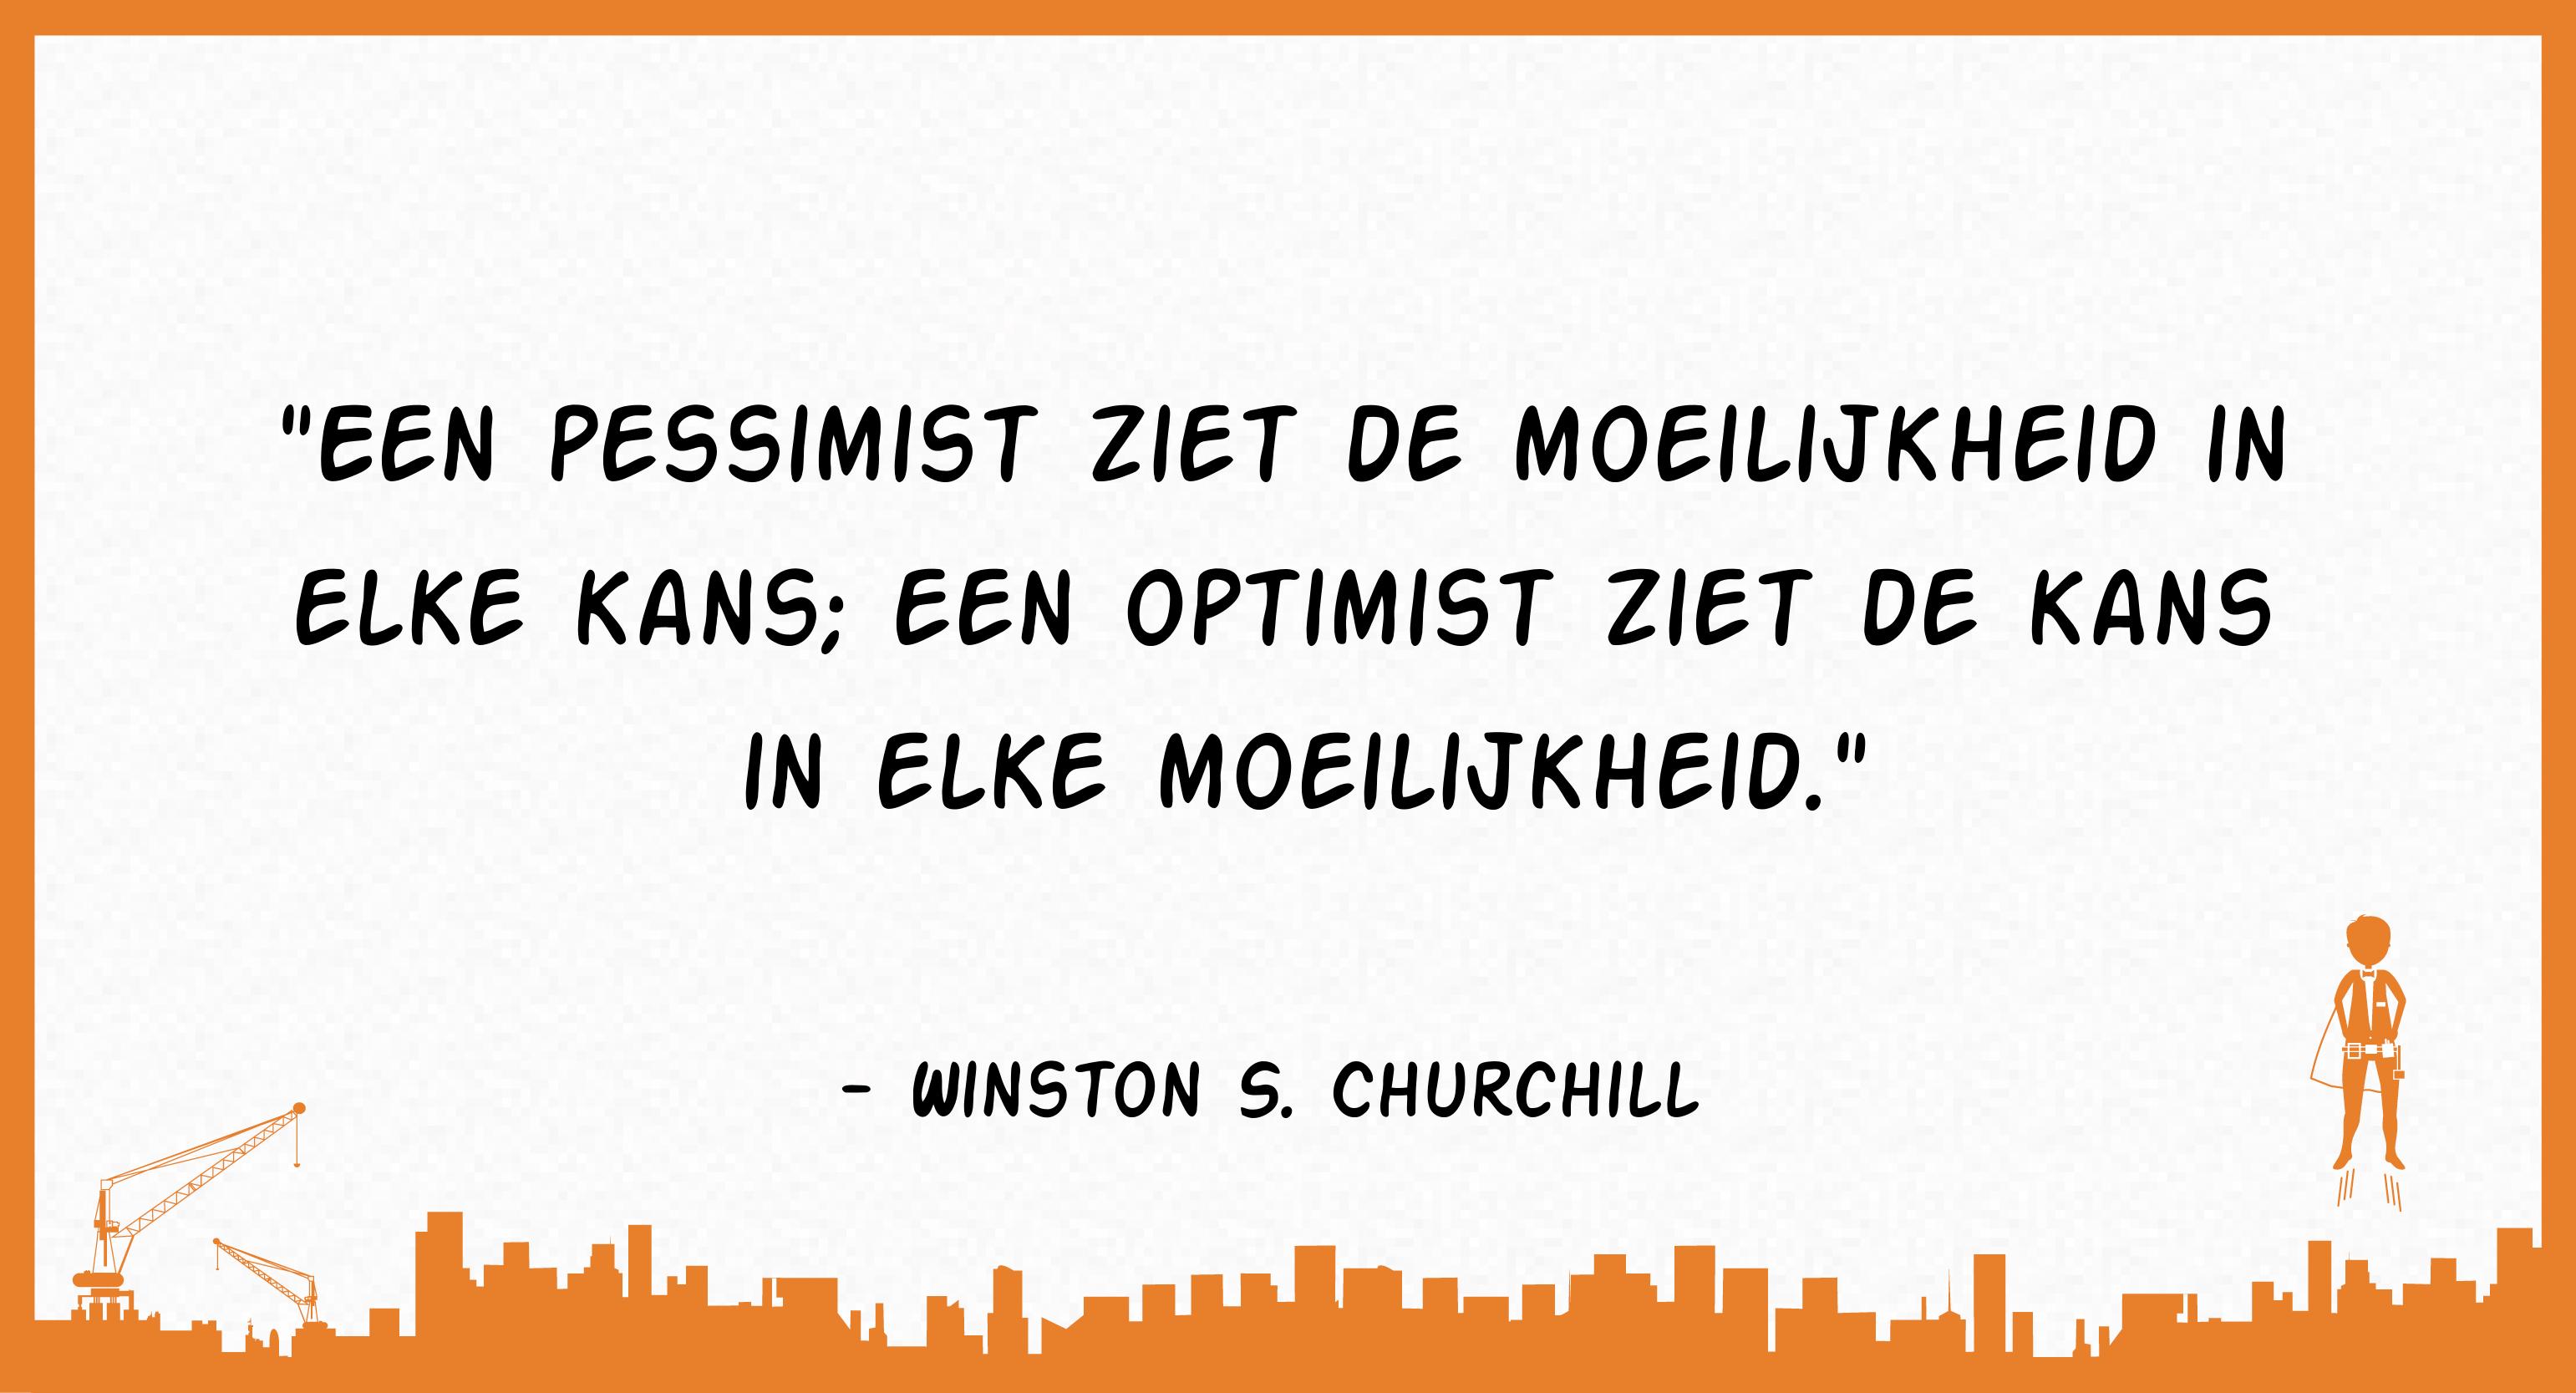 Een pessimist ziet de moeilijkheid in elke kans; een optimist ziet de kans in elke moeilijkheid. (Winston S. Churchill)